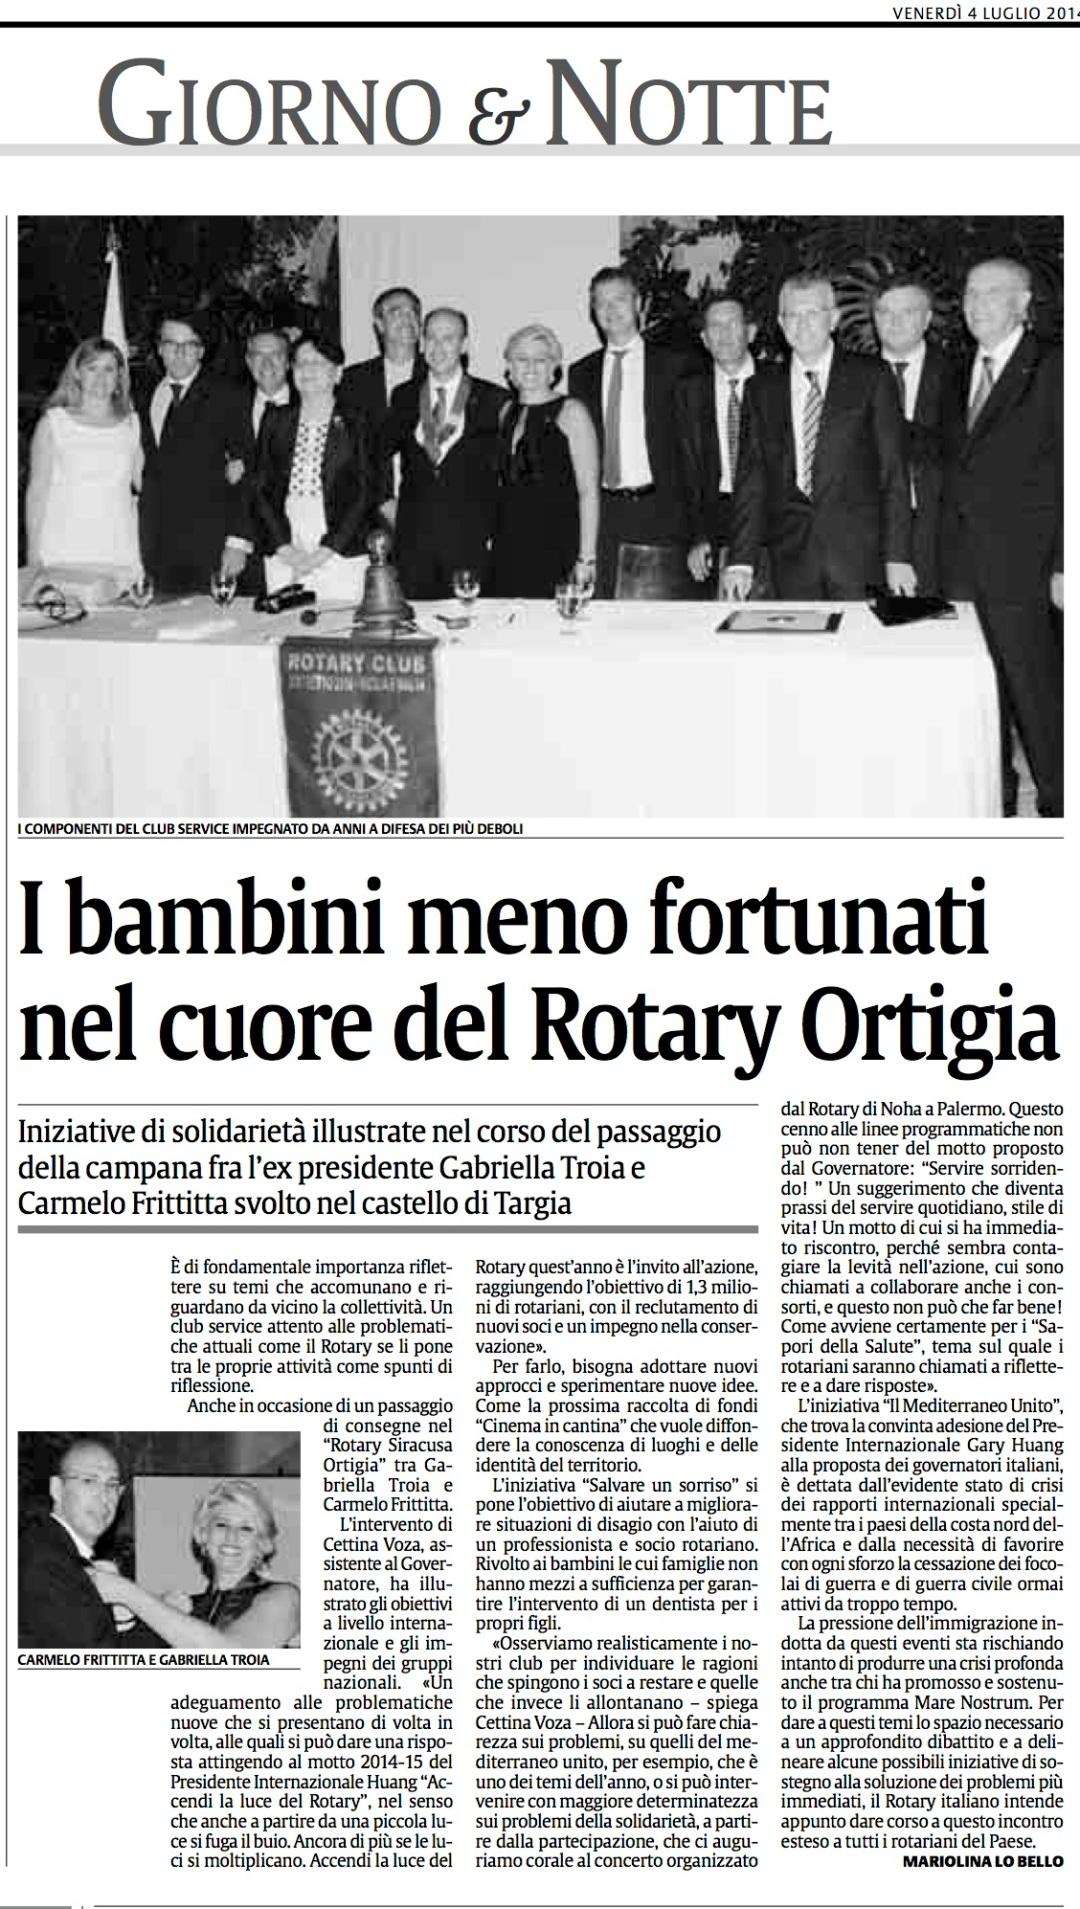 14-07-04-passaggio_di_campana_rc-ortigia_-ritaglio